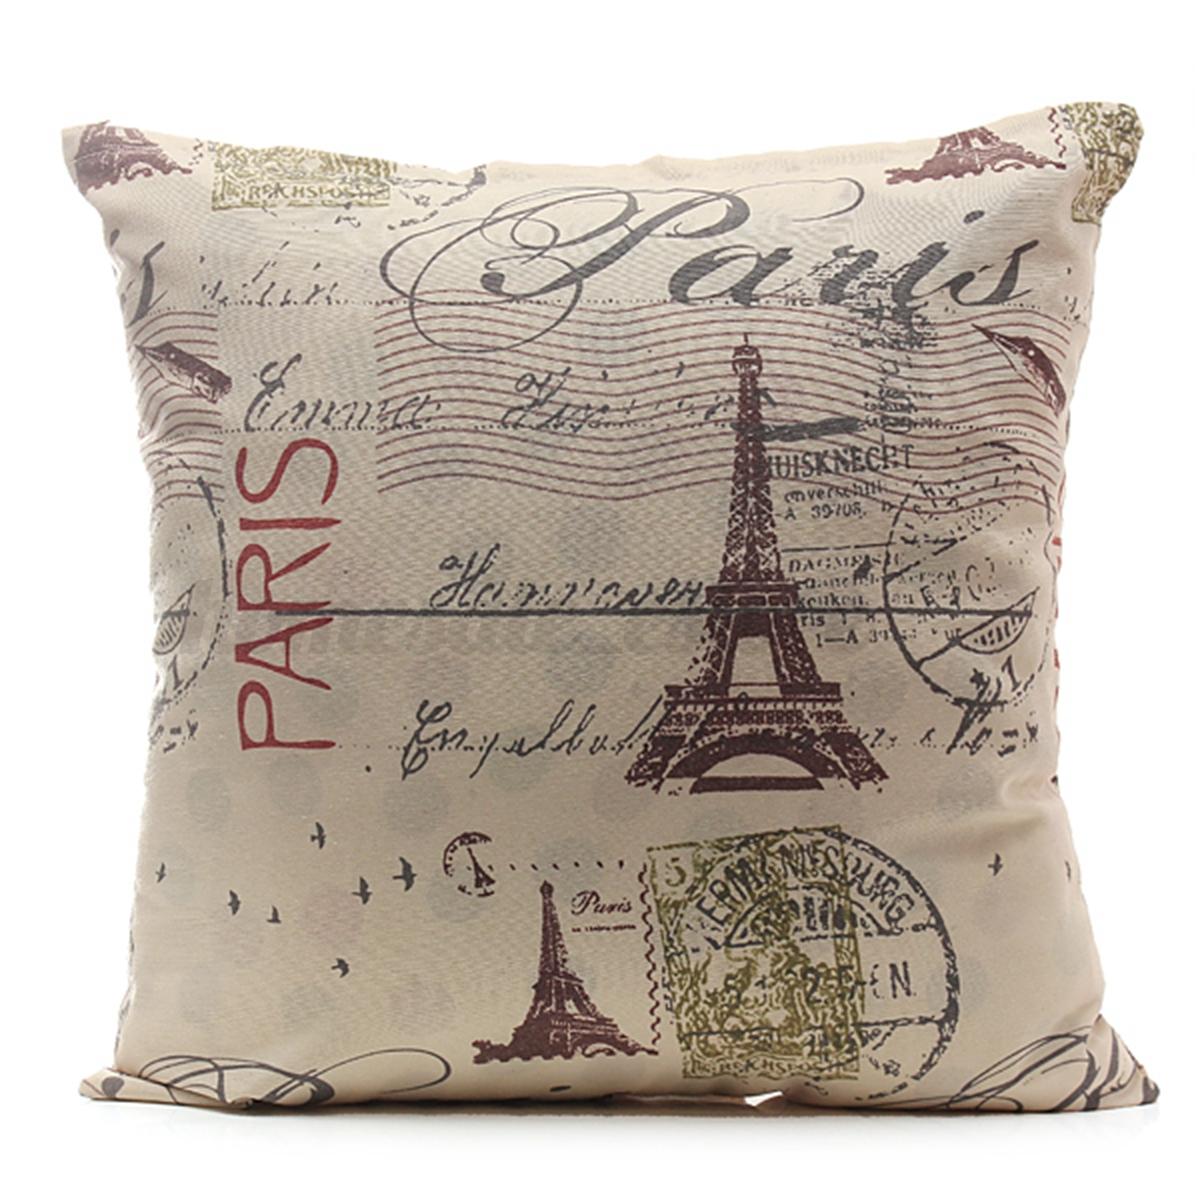 Throw Pillow Covers Linen : Vintage Square Linen Cotton Throw Pillow Case Cushion Cover Home Sofa Car Decor eBay